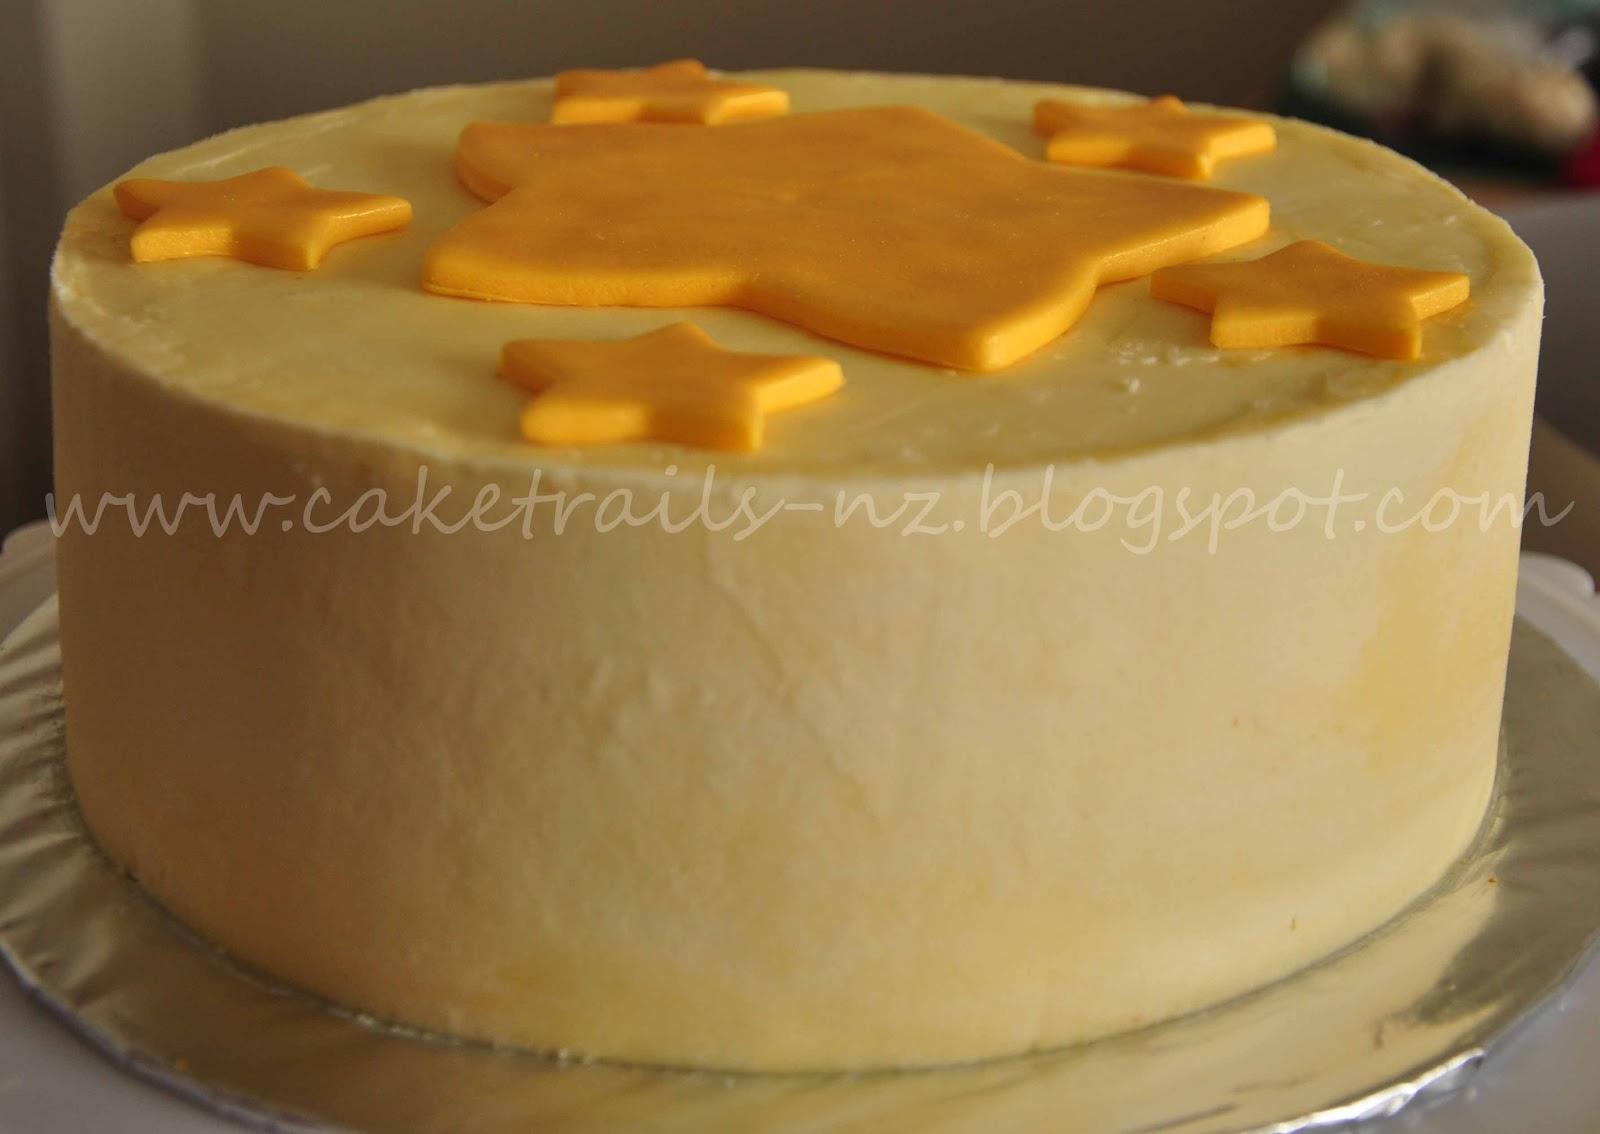 http://2.bp.blogspot.com/-KxiyJBDkrK4/UEQDFRPuXaI/AAAAAAAAAOg/VVniQiqNvcI/s1600/buttercream+taylor+swift+cake+wm.jpg